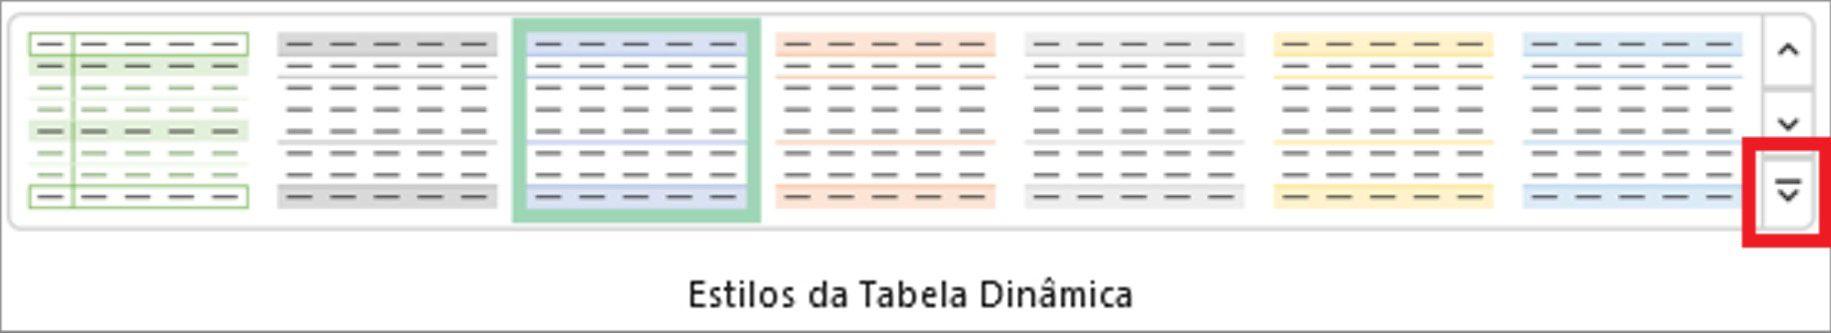 Imagem do Friso do Excel